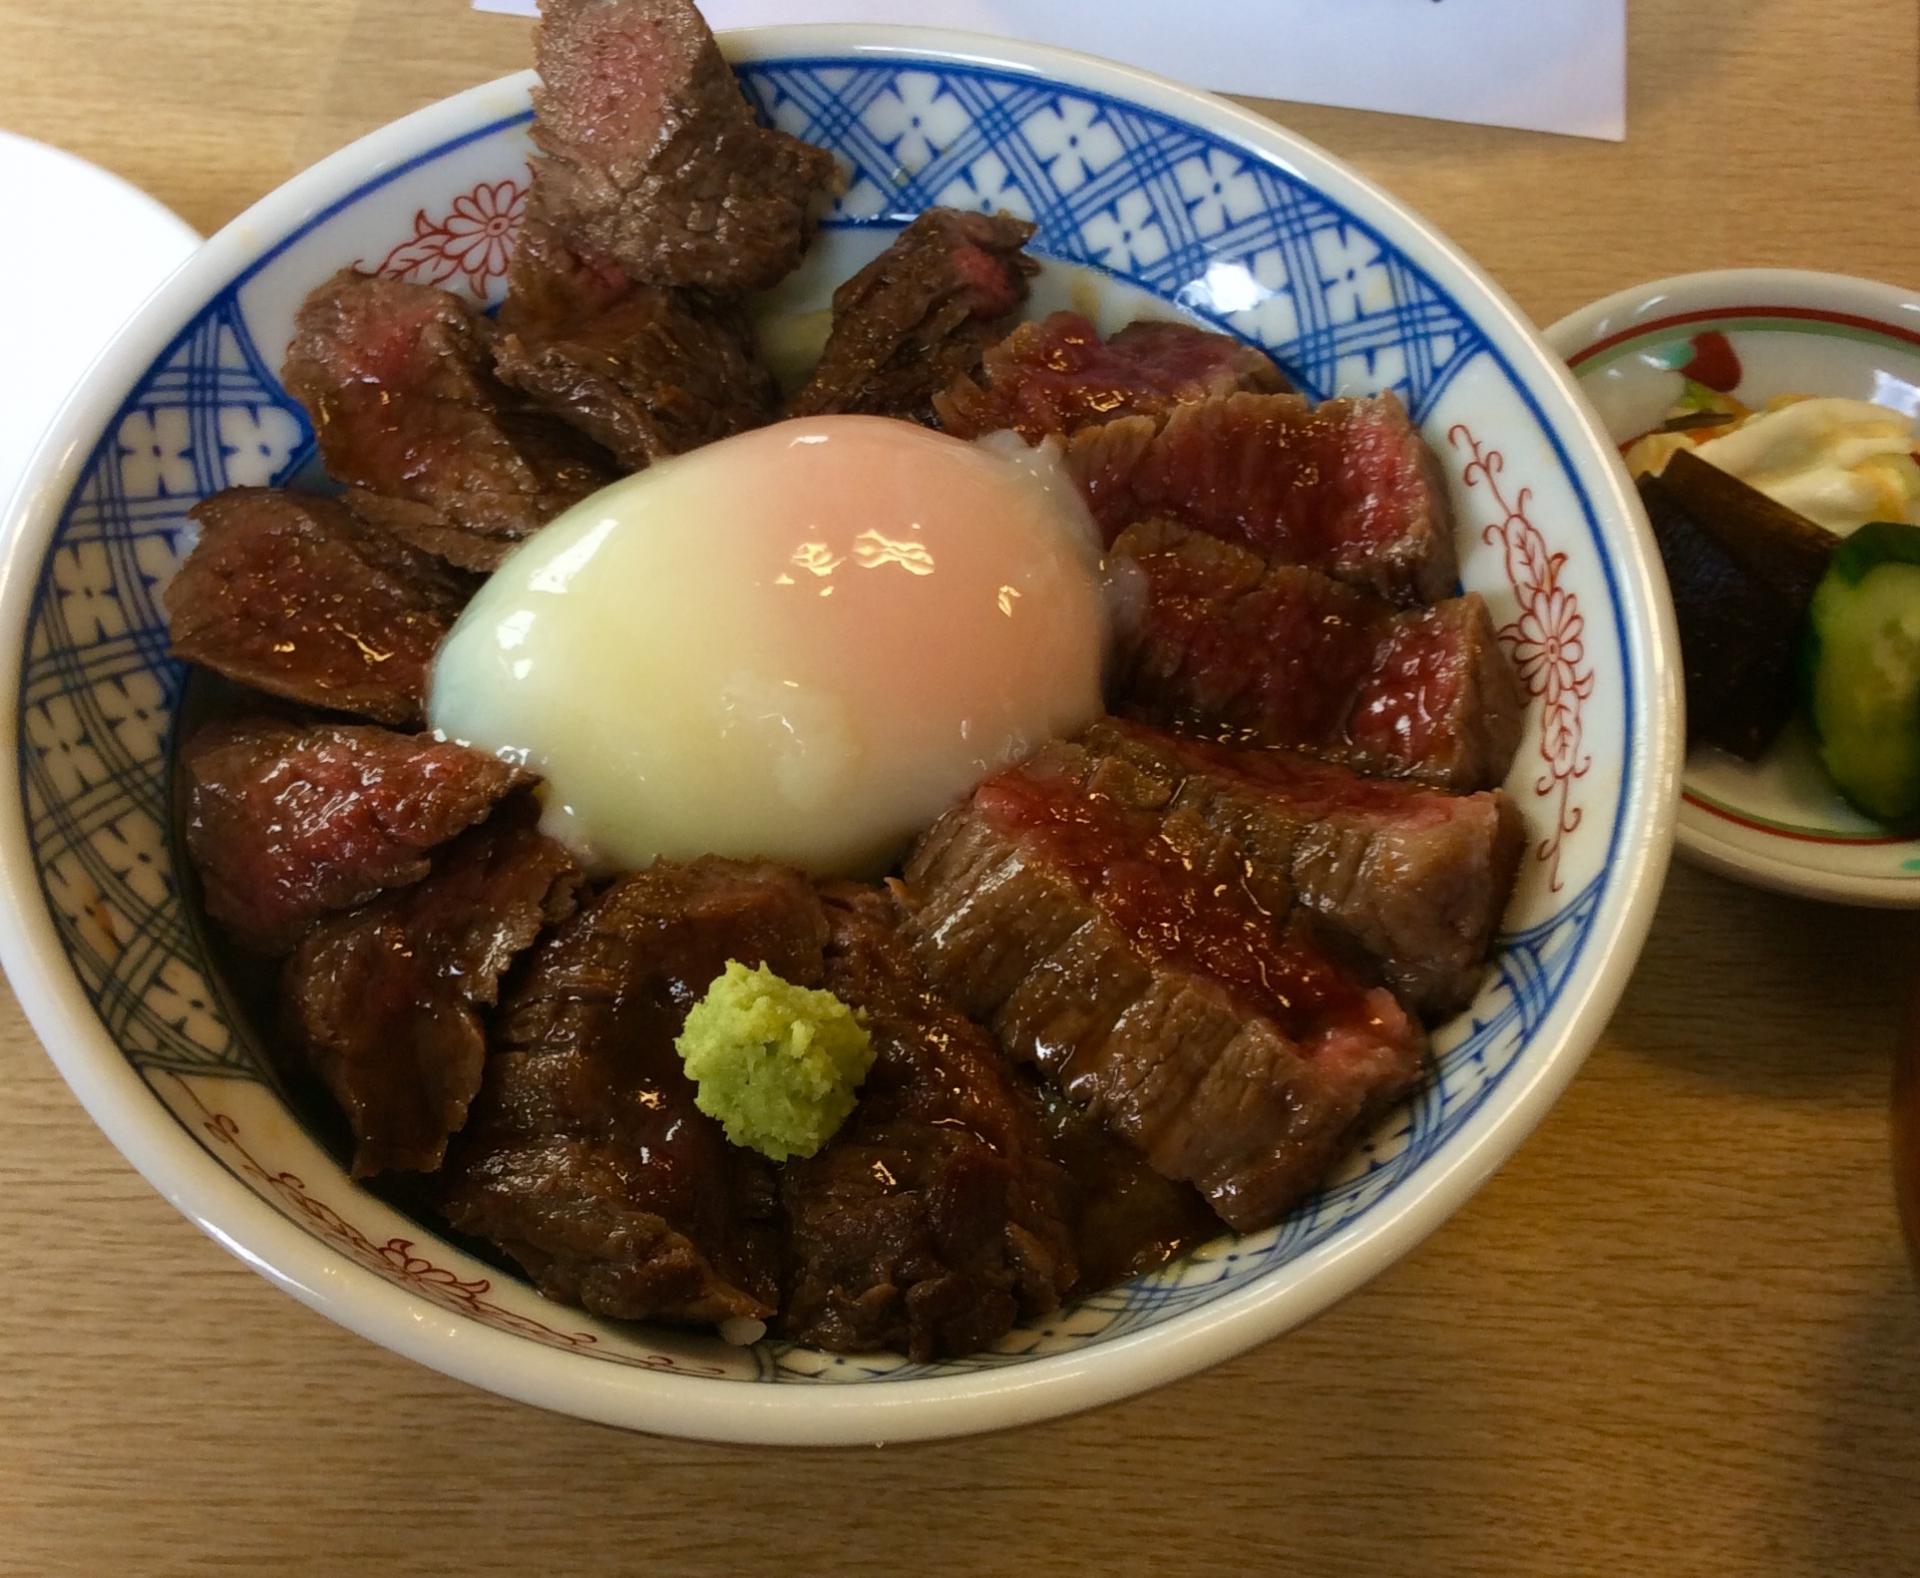 熊本名物『赤牛丼』がおすすめのお店BEST5!美味しい名店を厳選!